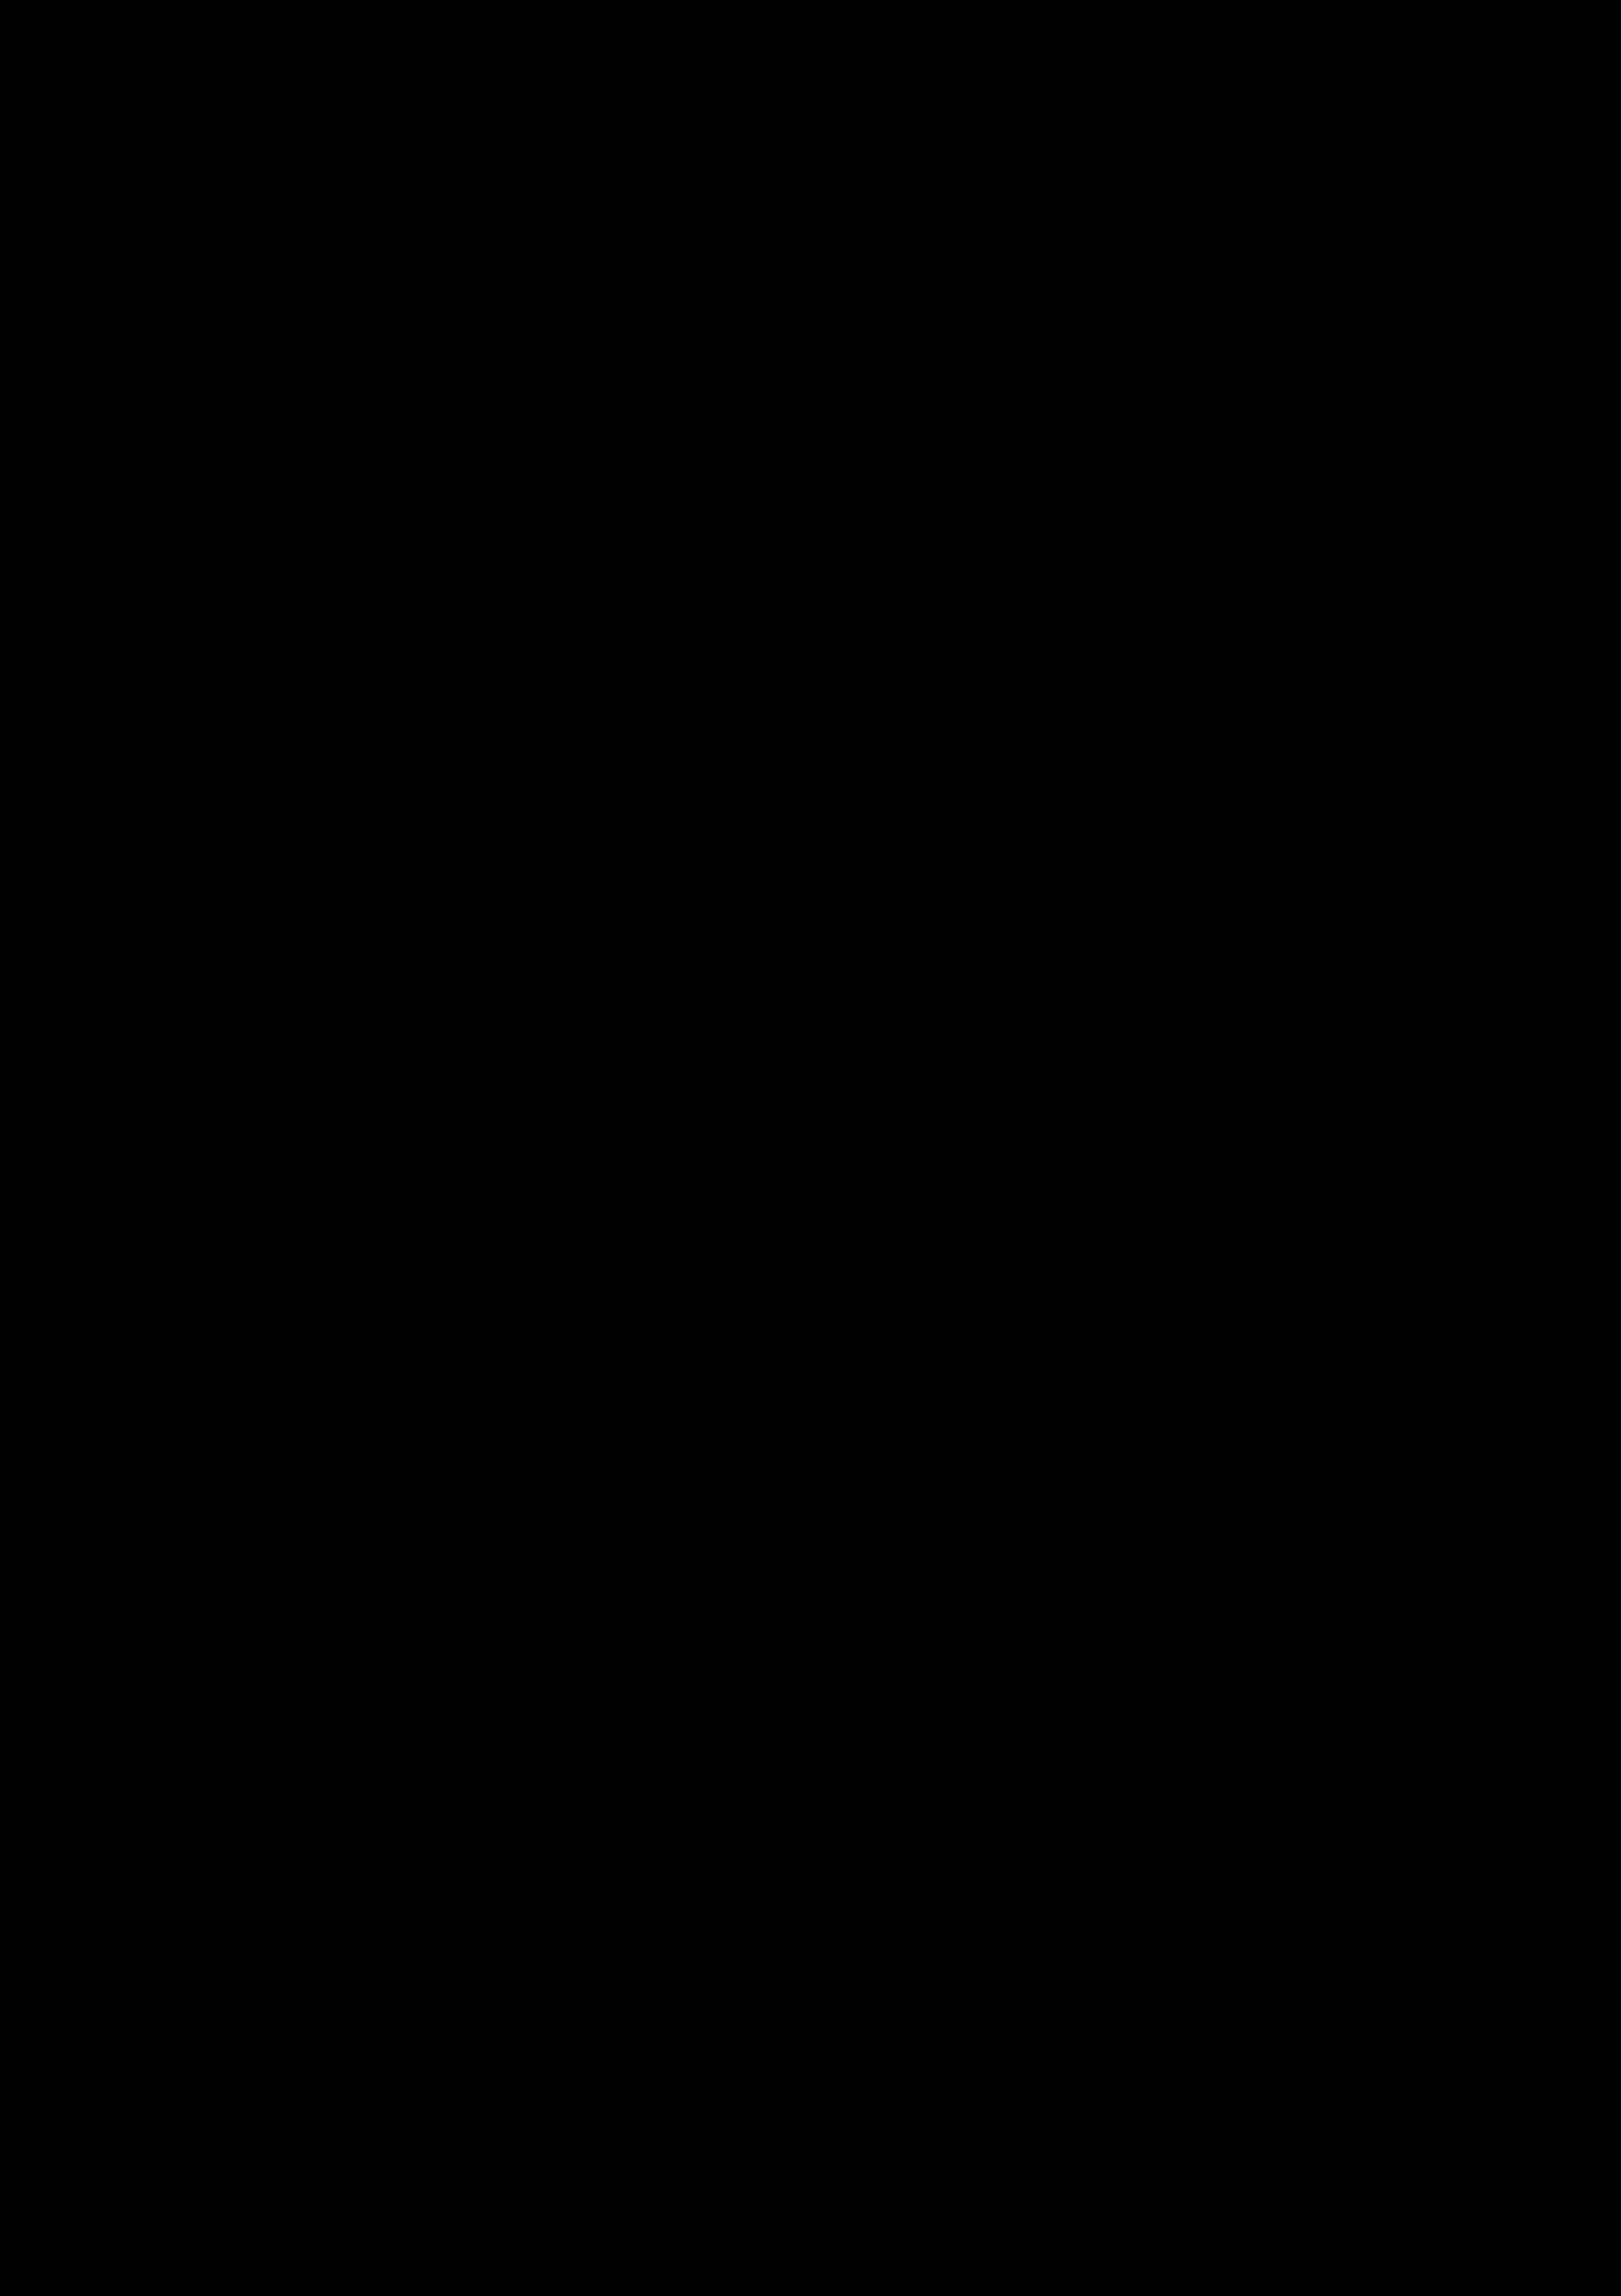 Telefon mit Kabel